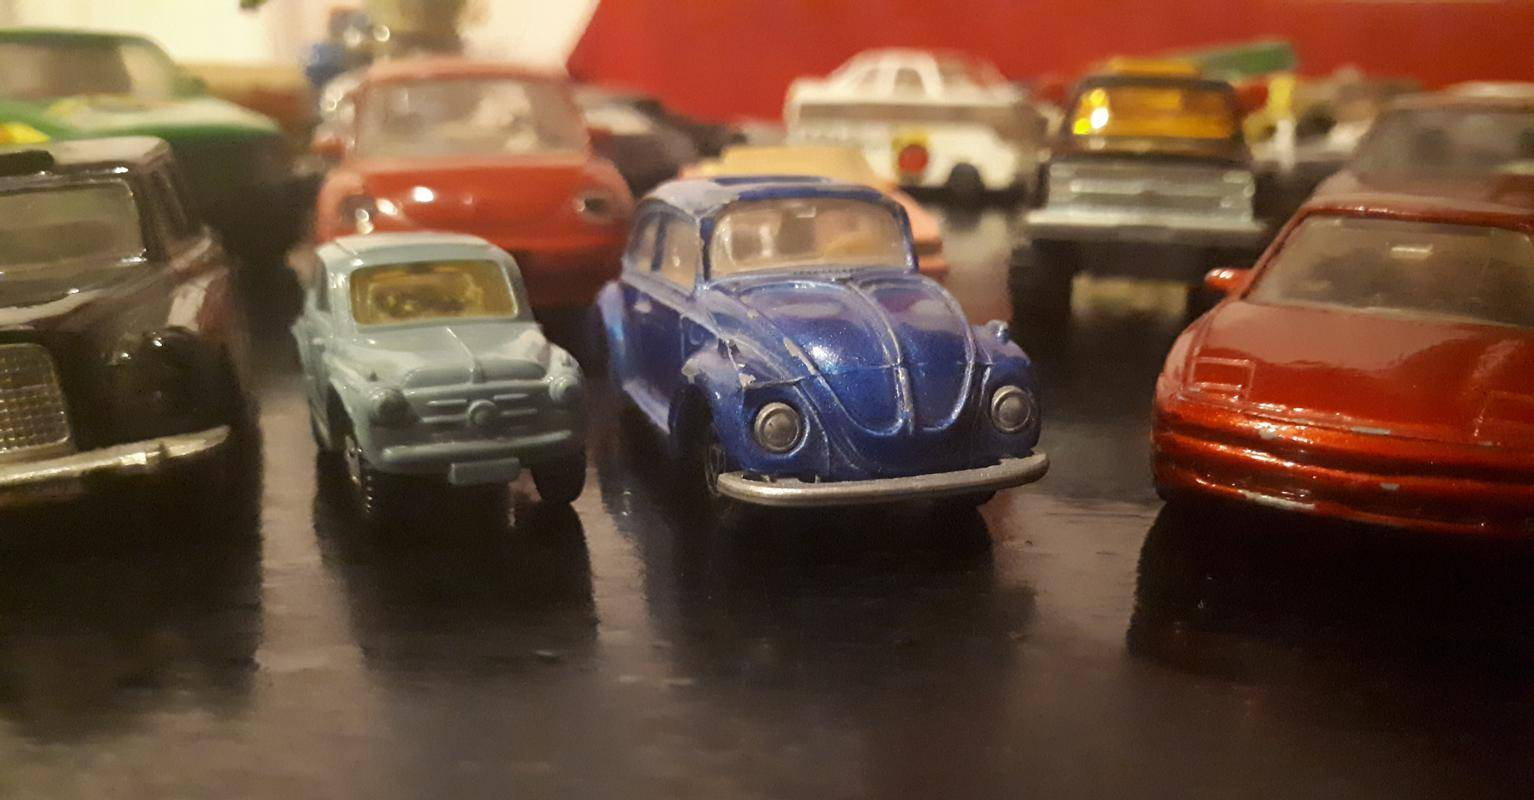 Starejša rabljena vozila so prodajna uspešnica v številnih državah Evrope in ZDA. Fotografija je simbolična. Foto: MMC RTV SLO/Jaša Rajšek